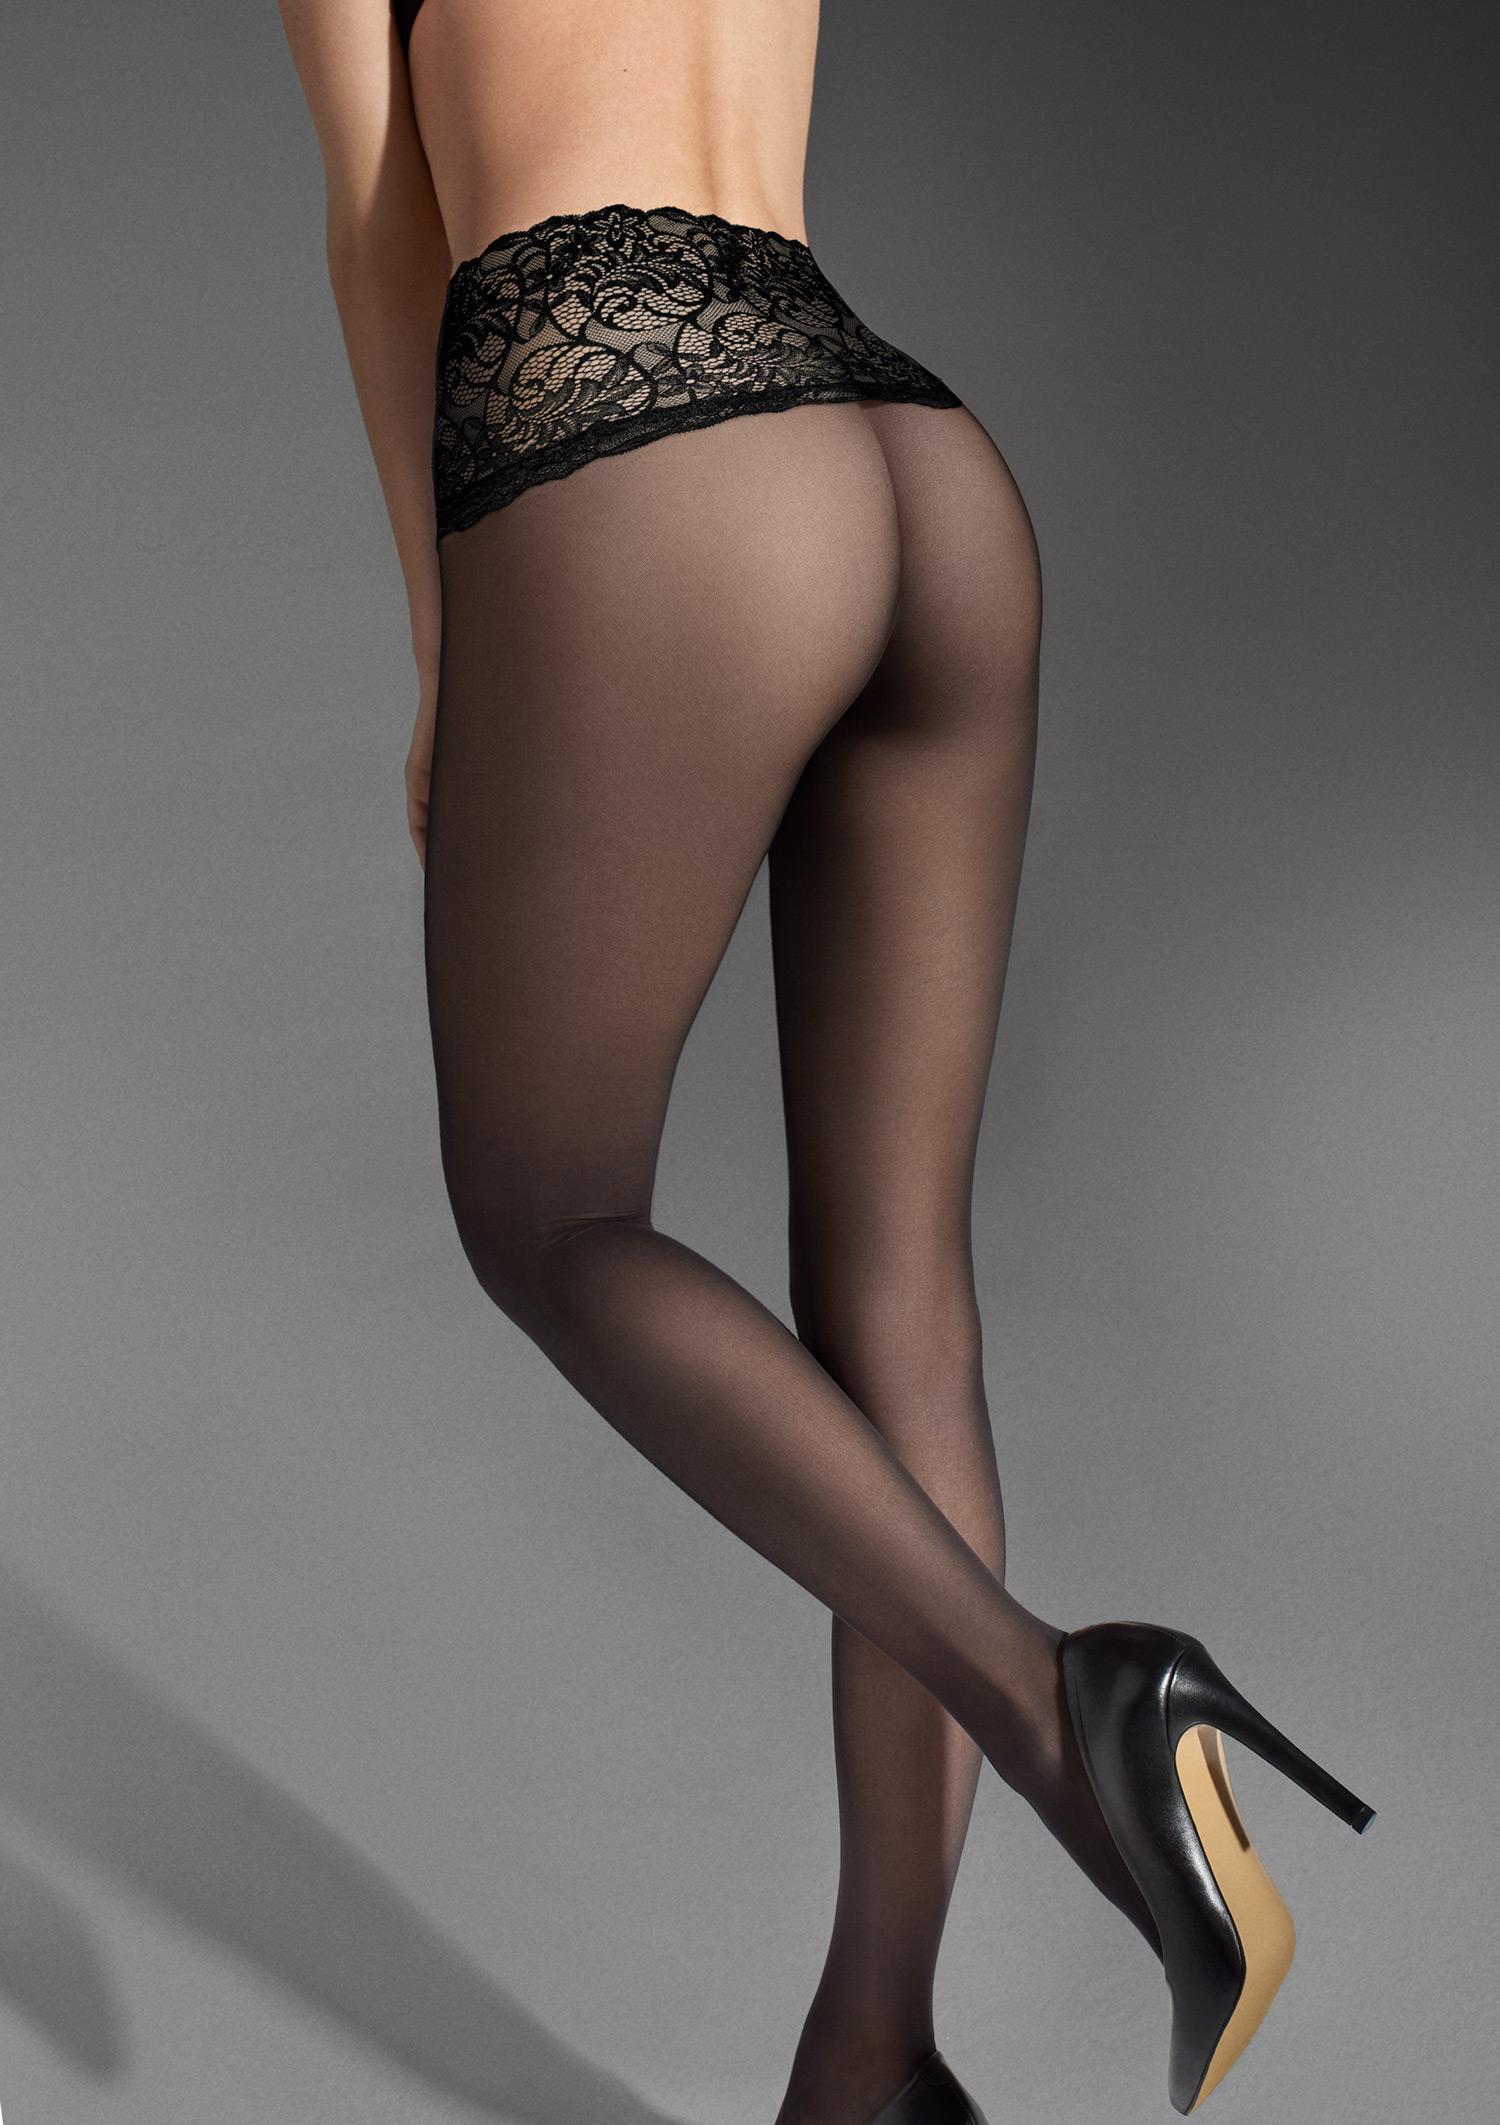 https://golden-legs.com.ua/images/stories/virtuemart/product/gladkie-rajstopy-damskie-z-wyszczuplajacym-pasem-lux-line-slim-emotion-30-marilyn_12.jpg